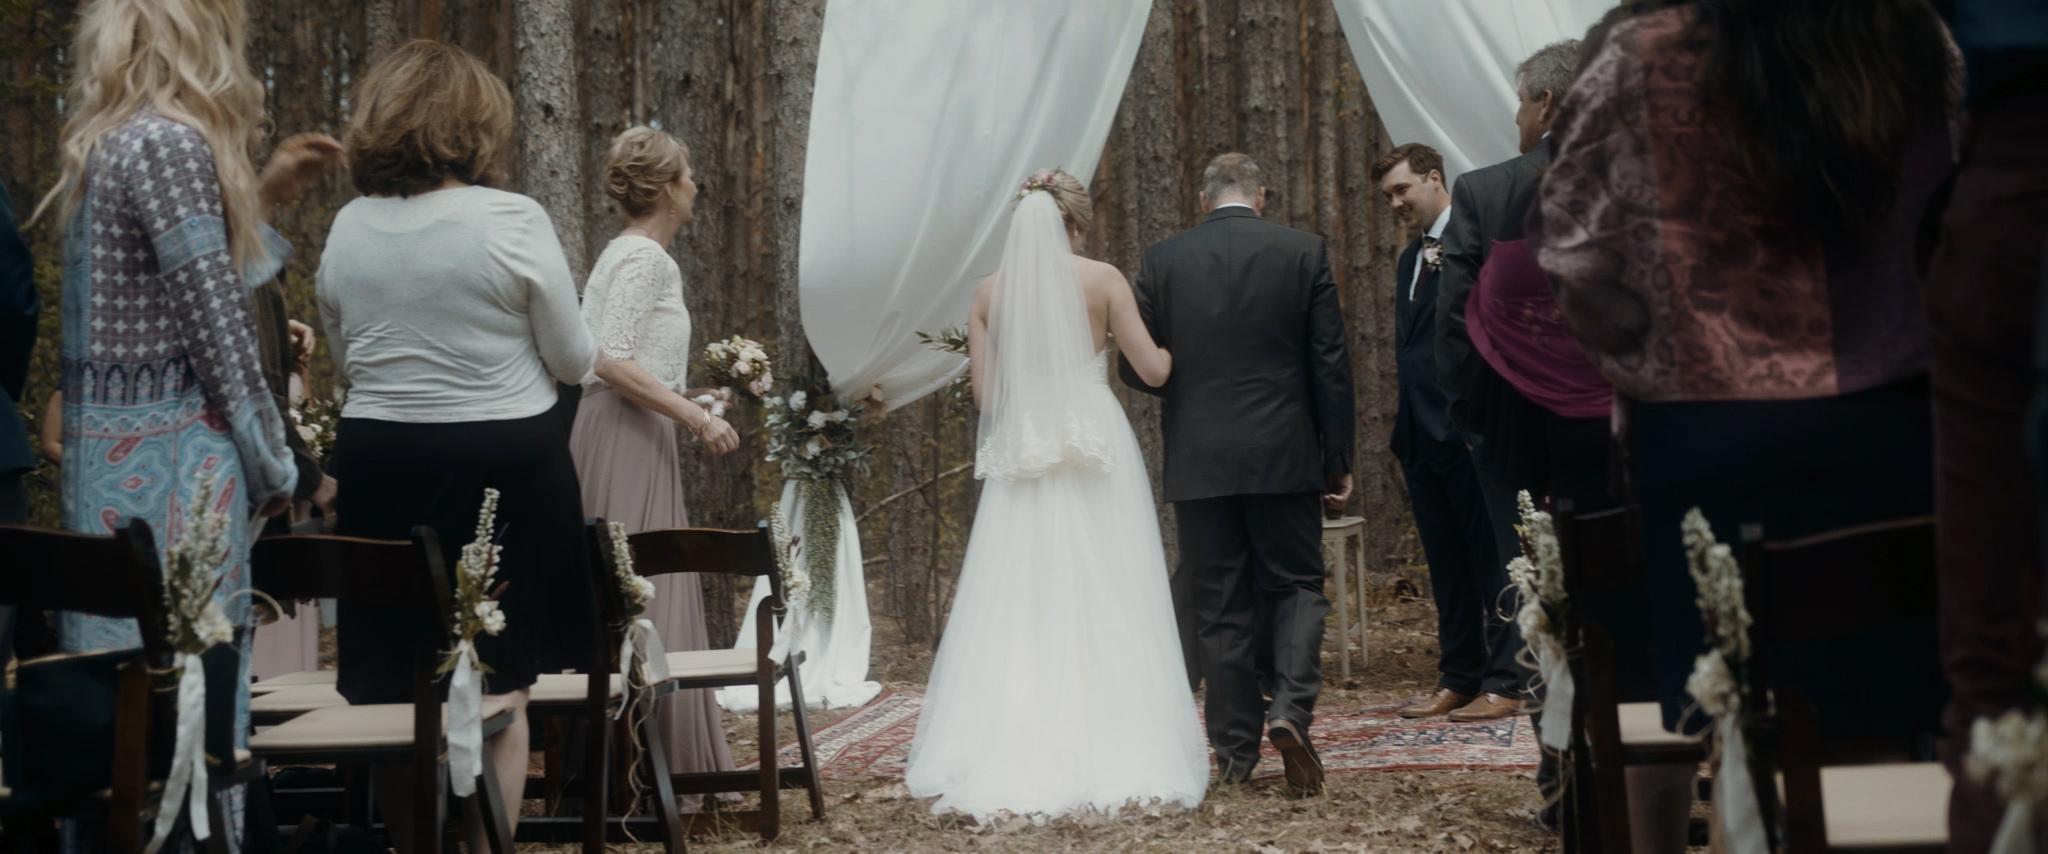 HAVENS_Wedding_Film.00_03_02_11.Still043.jpg